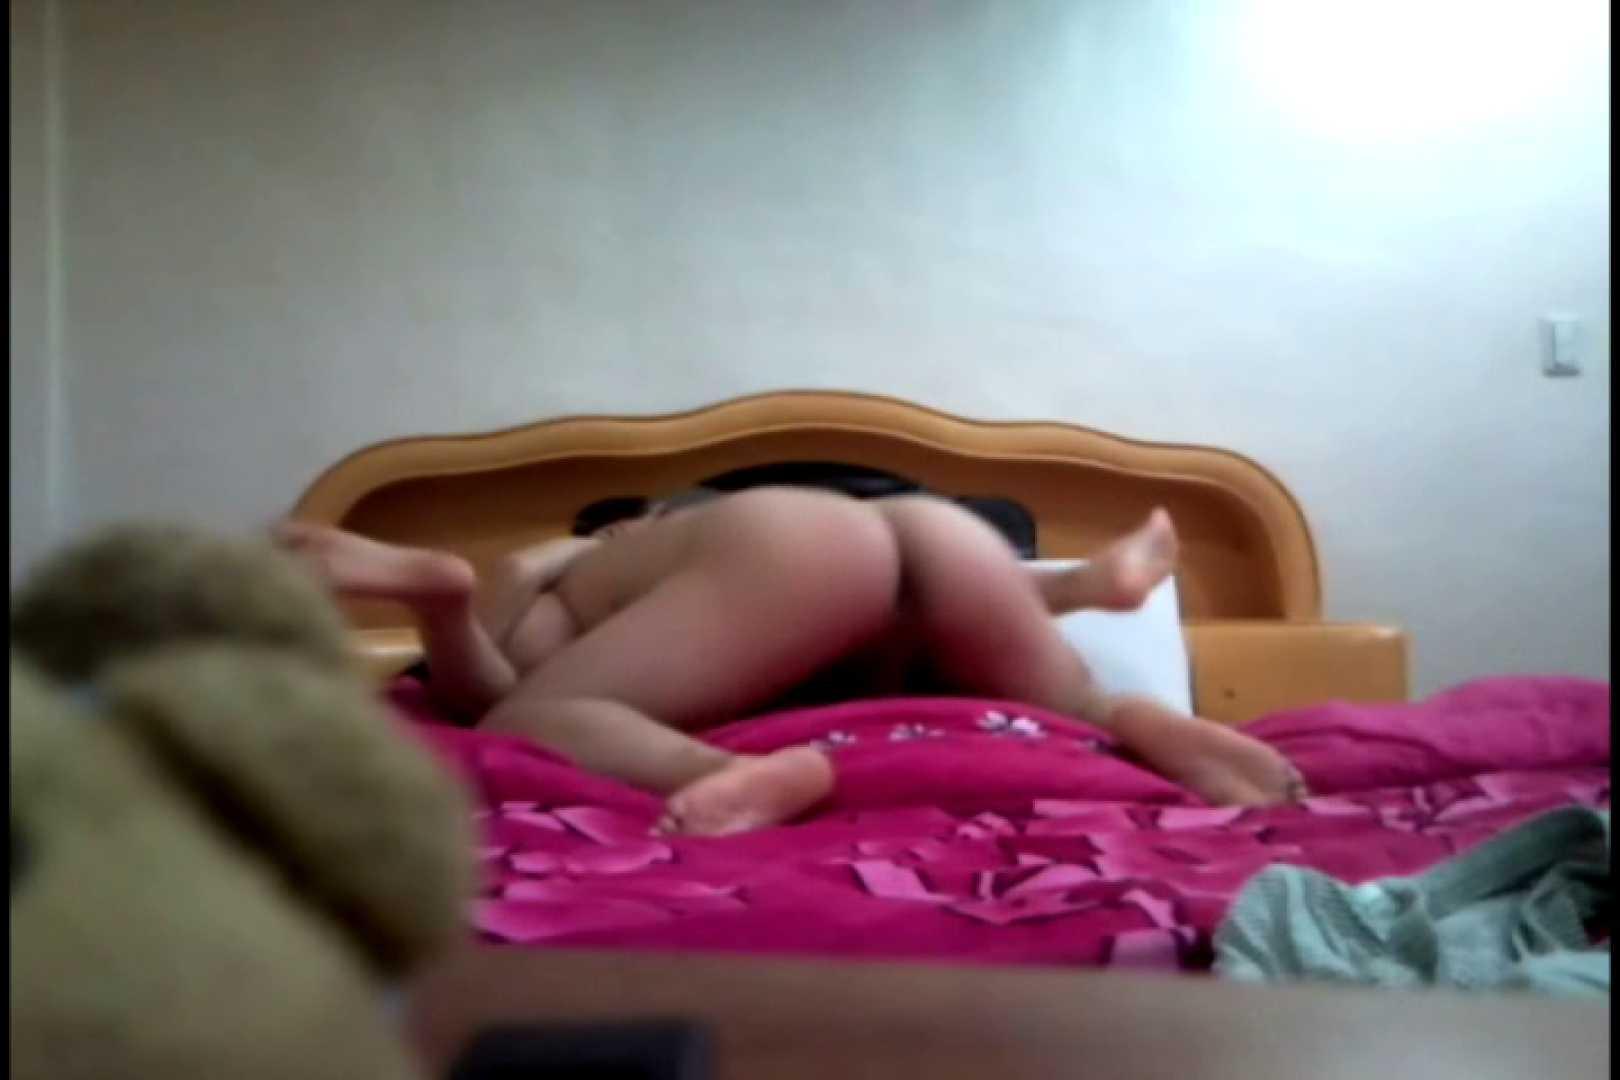 コリアン素人流出シリーズ ラブホテル隠し撮り 素人 オマンコ動画キャプチャ 46連発 14